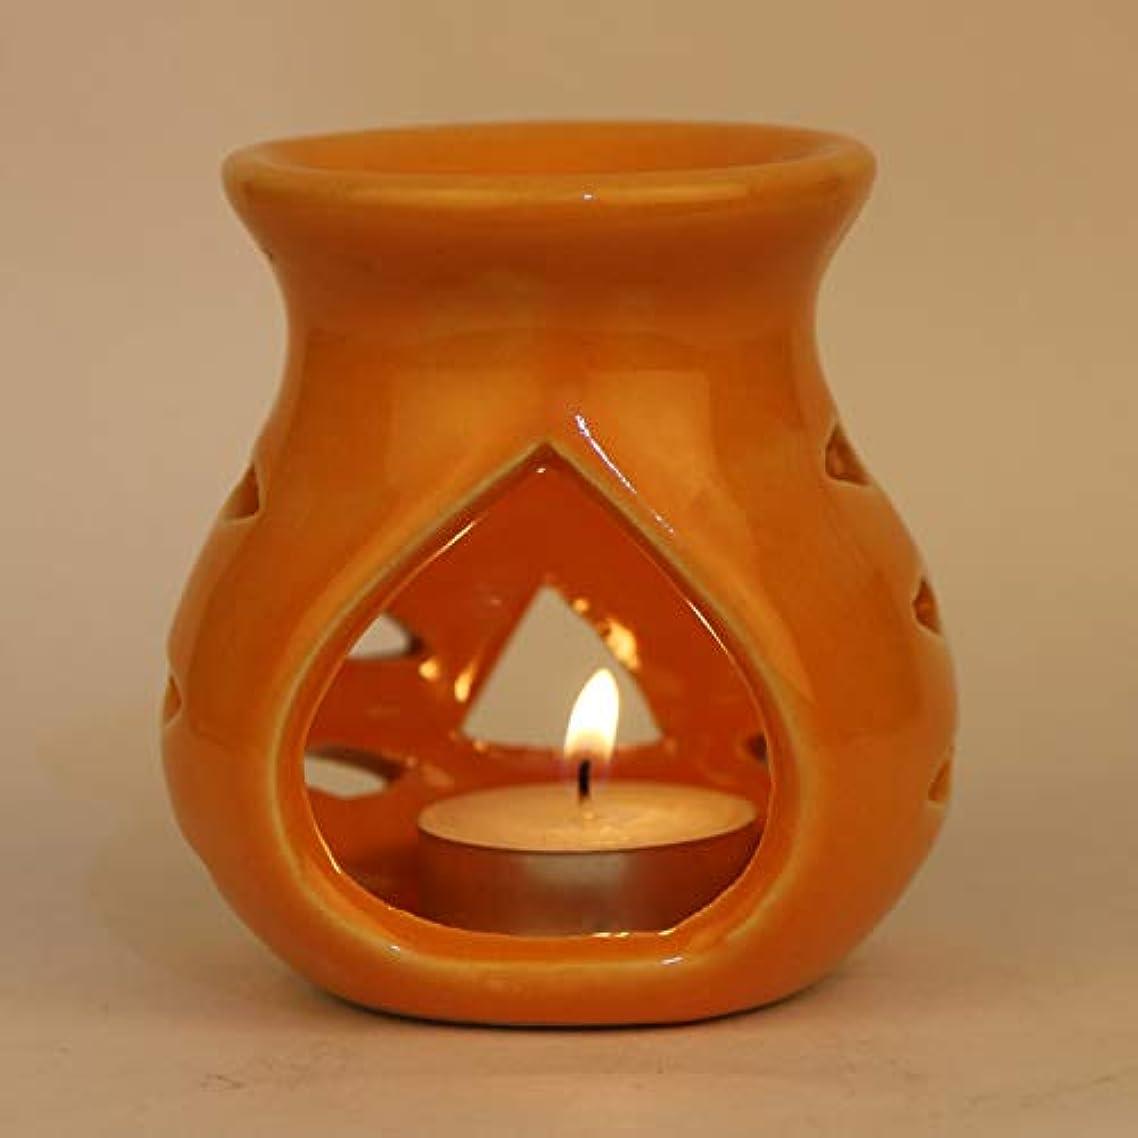 パネルわずかに正統派Pure Source India. セラミックアロマバーナーオレンジカラープレミアムカラーオレンジ、このアロマのサイズは高さ3.5インチ、直径3.5インチです。 (クレイランプ)